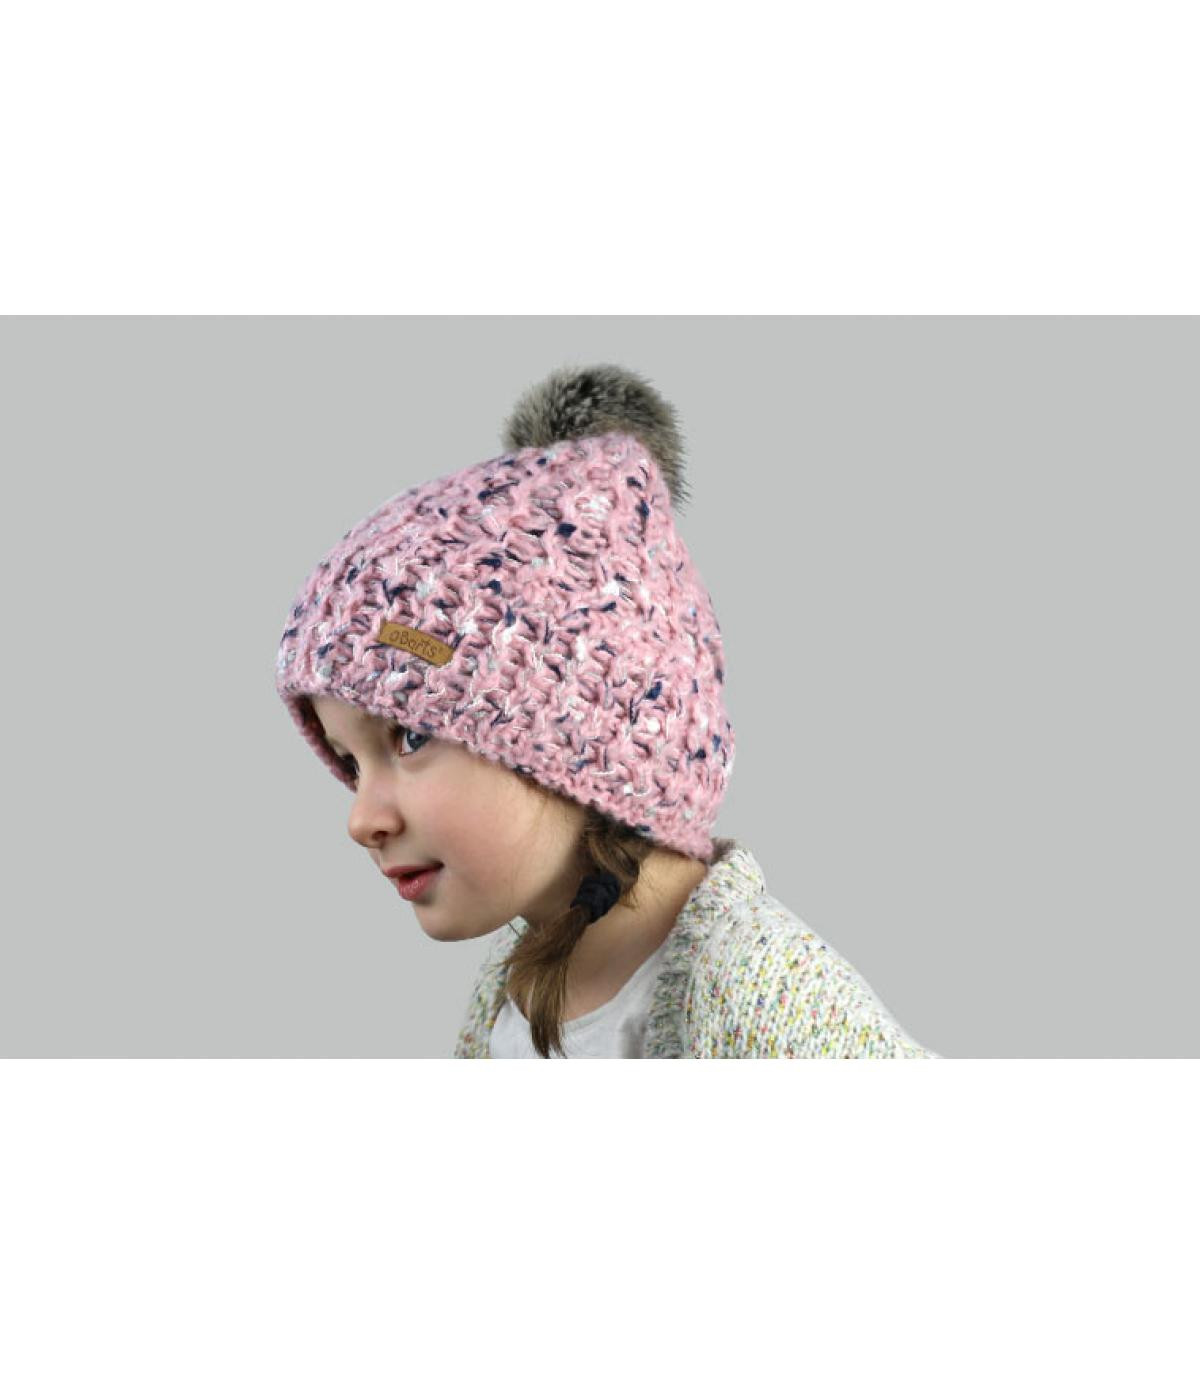 pelliccia di pompon bambino cappello rosa